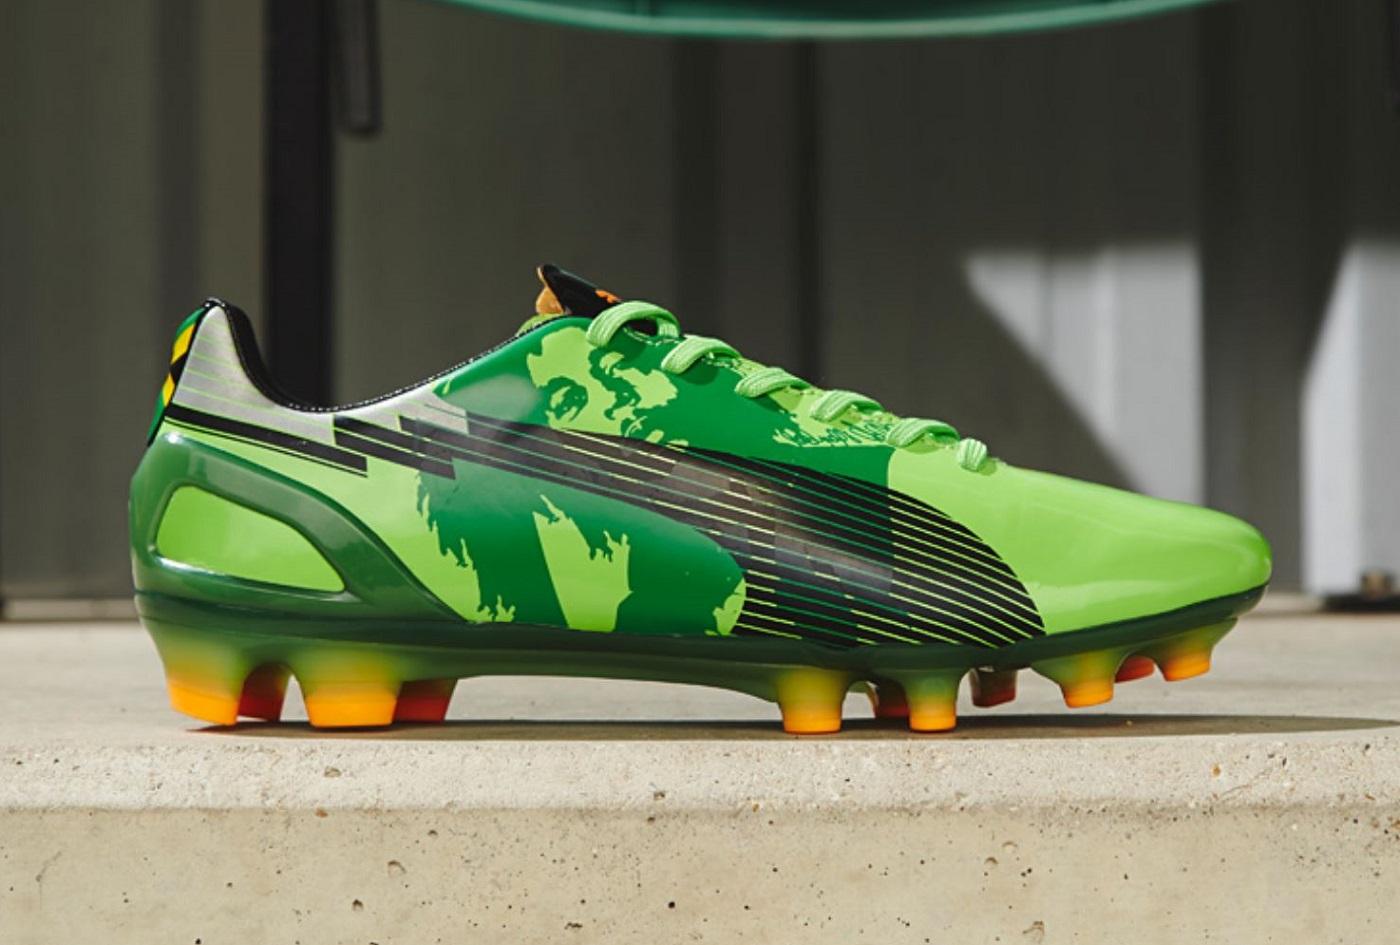 puma new boots 2019